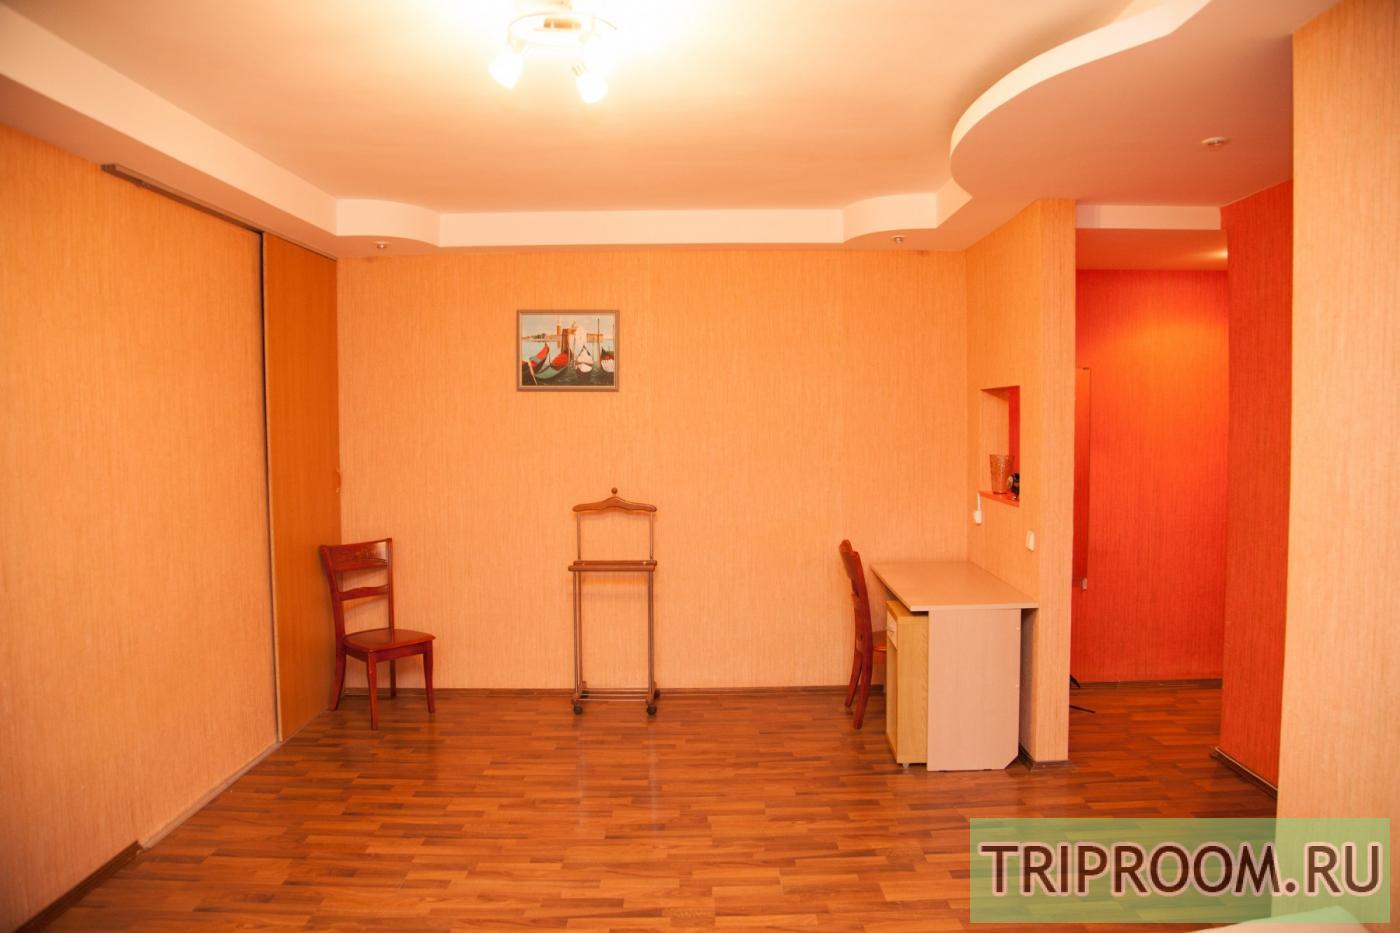 1-комнатная квартира посуточно (вариант № 27726), ул. Театральная улица, фото № 1